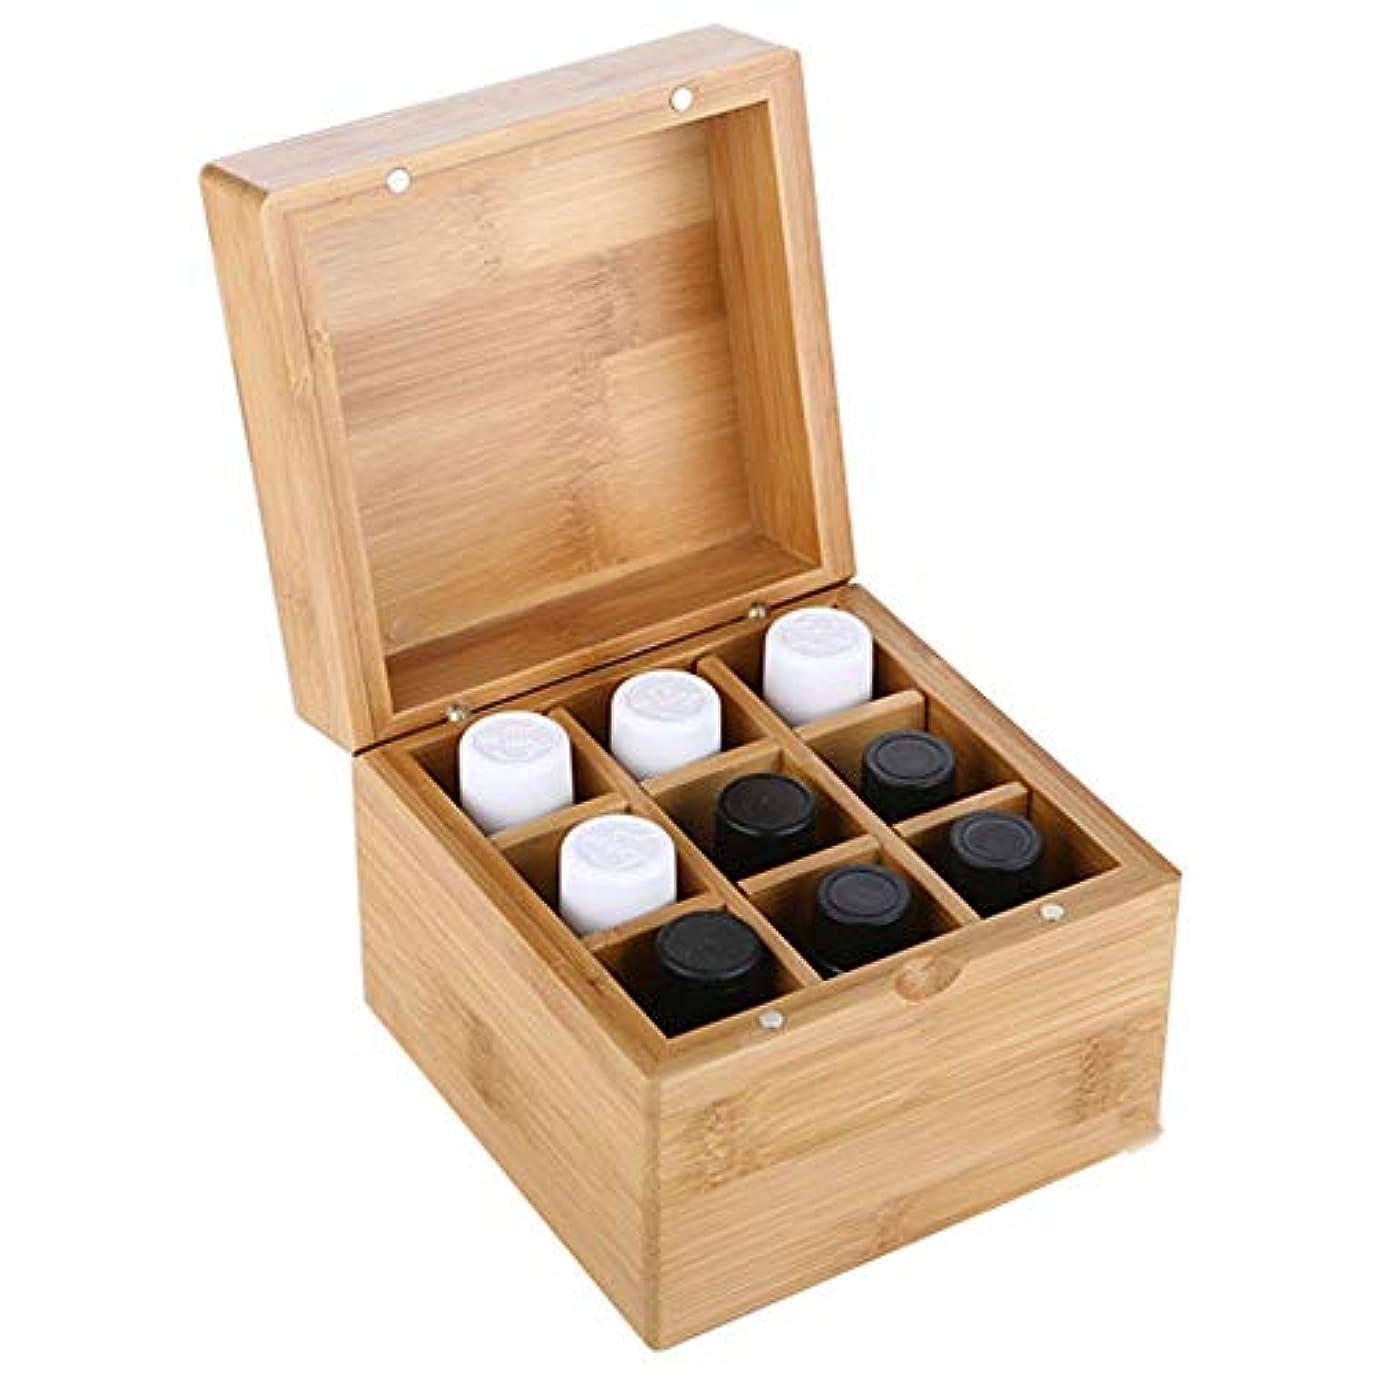 調子アシュリータファーマン強化9スロットエッセンシャルオイルボックス木製収納ケースは、あなたの油安全保護さを保つ保護します アロマセラピー製品 (色 : Natural, サイズ : 11.5X11.5X8.3CM)